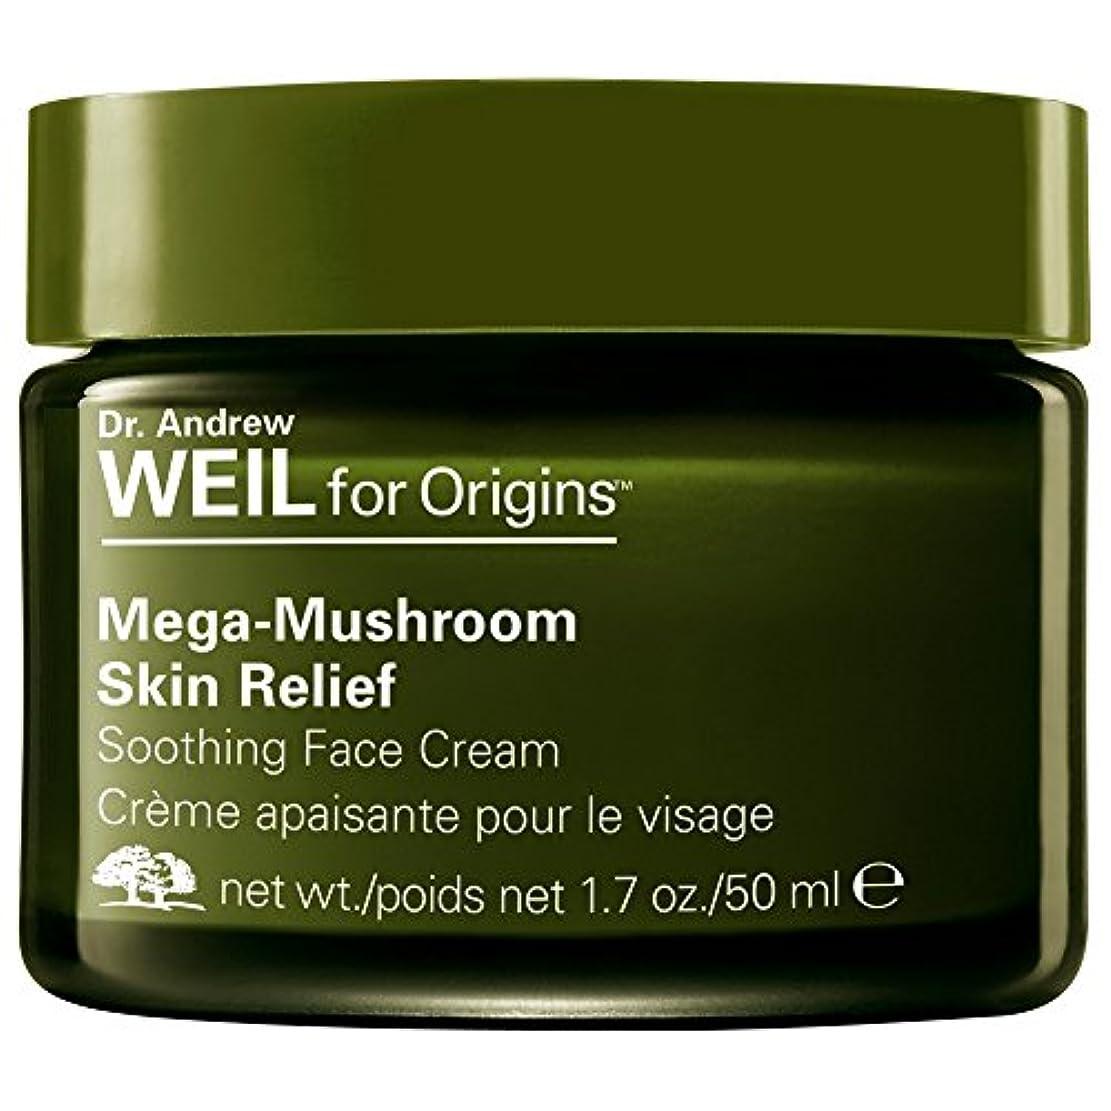 ベックス欲しいです和解するDr。アンドルー?ワイルメガマッシュルーム皮膚の起伏、50ミリリットル?起源のために (Origins) (x6) - Dr. Andrew Weil for Origins? Mega Mushroom Skin Relief...